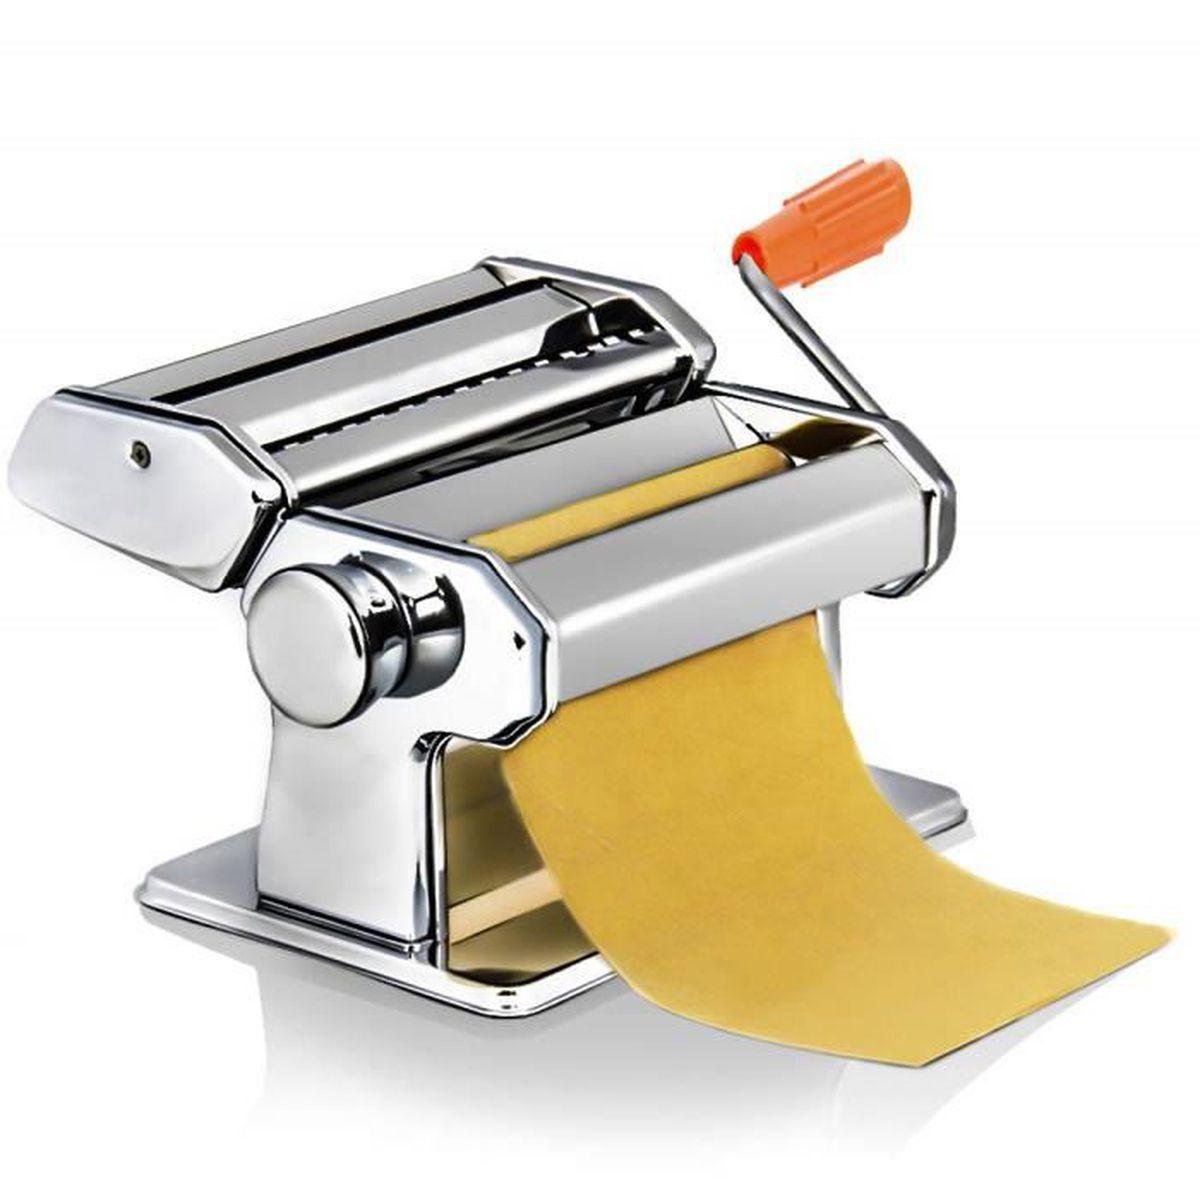 ACCESSOIRE MACHINE PATE Machine à Pâte Fraiche 3 En 1 En Acier Inoxydable